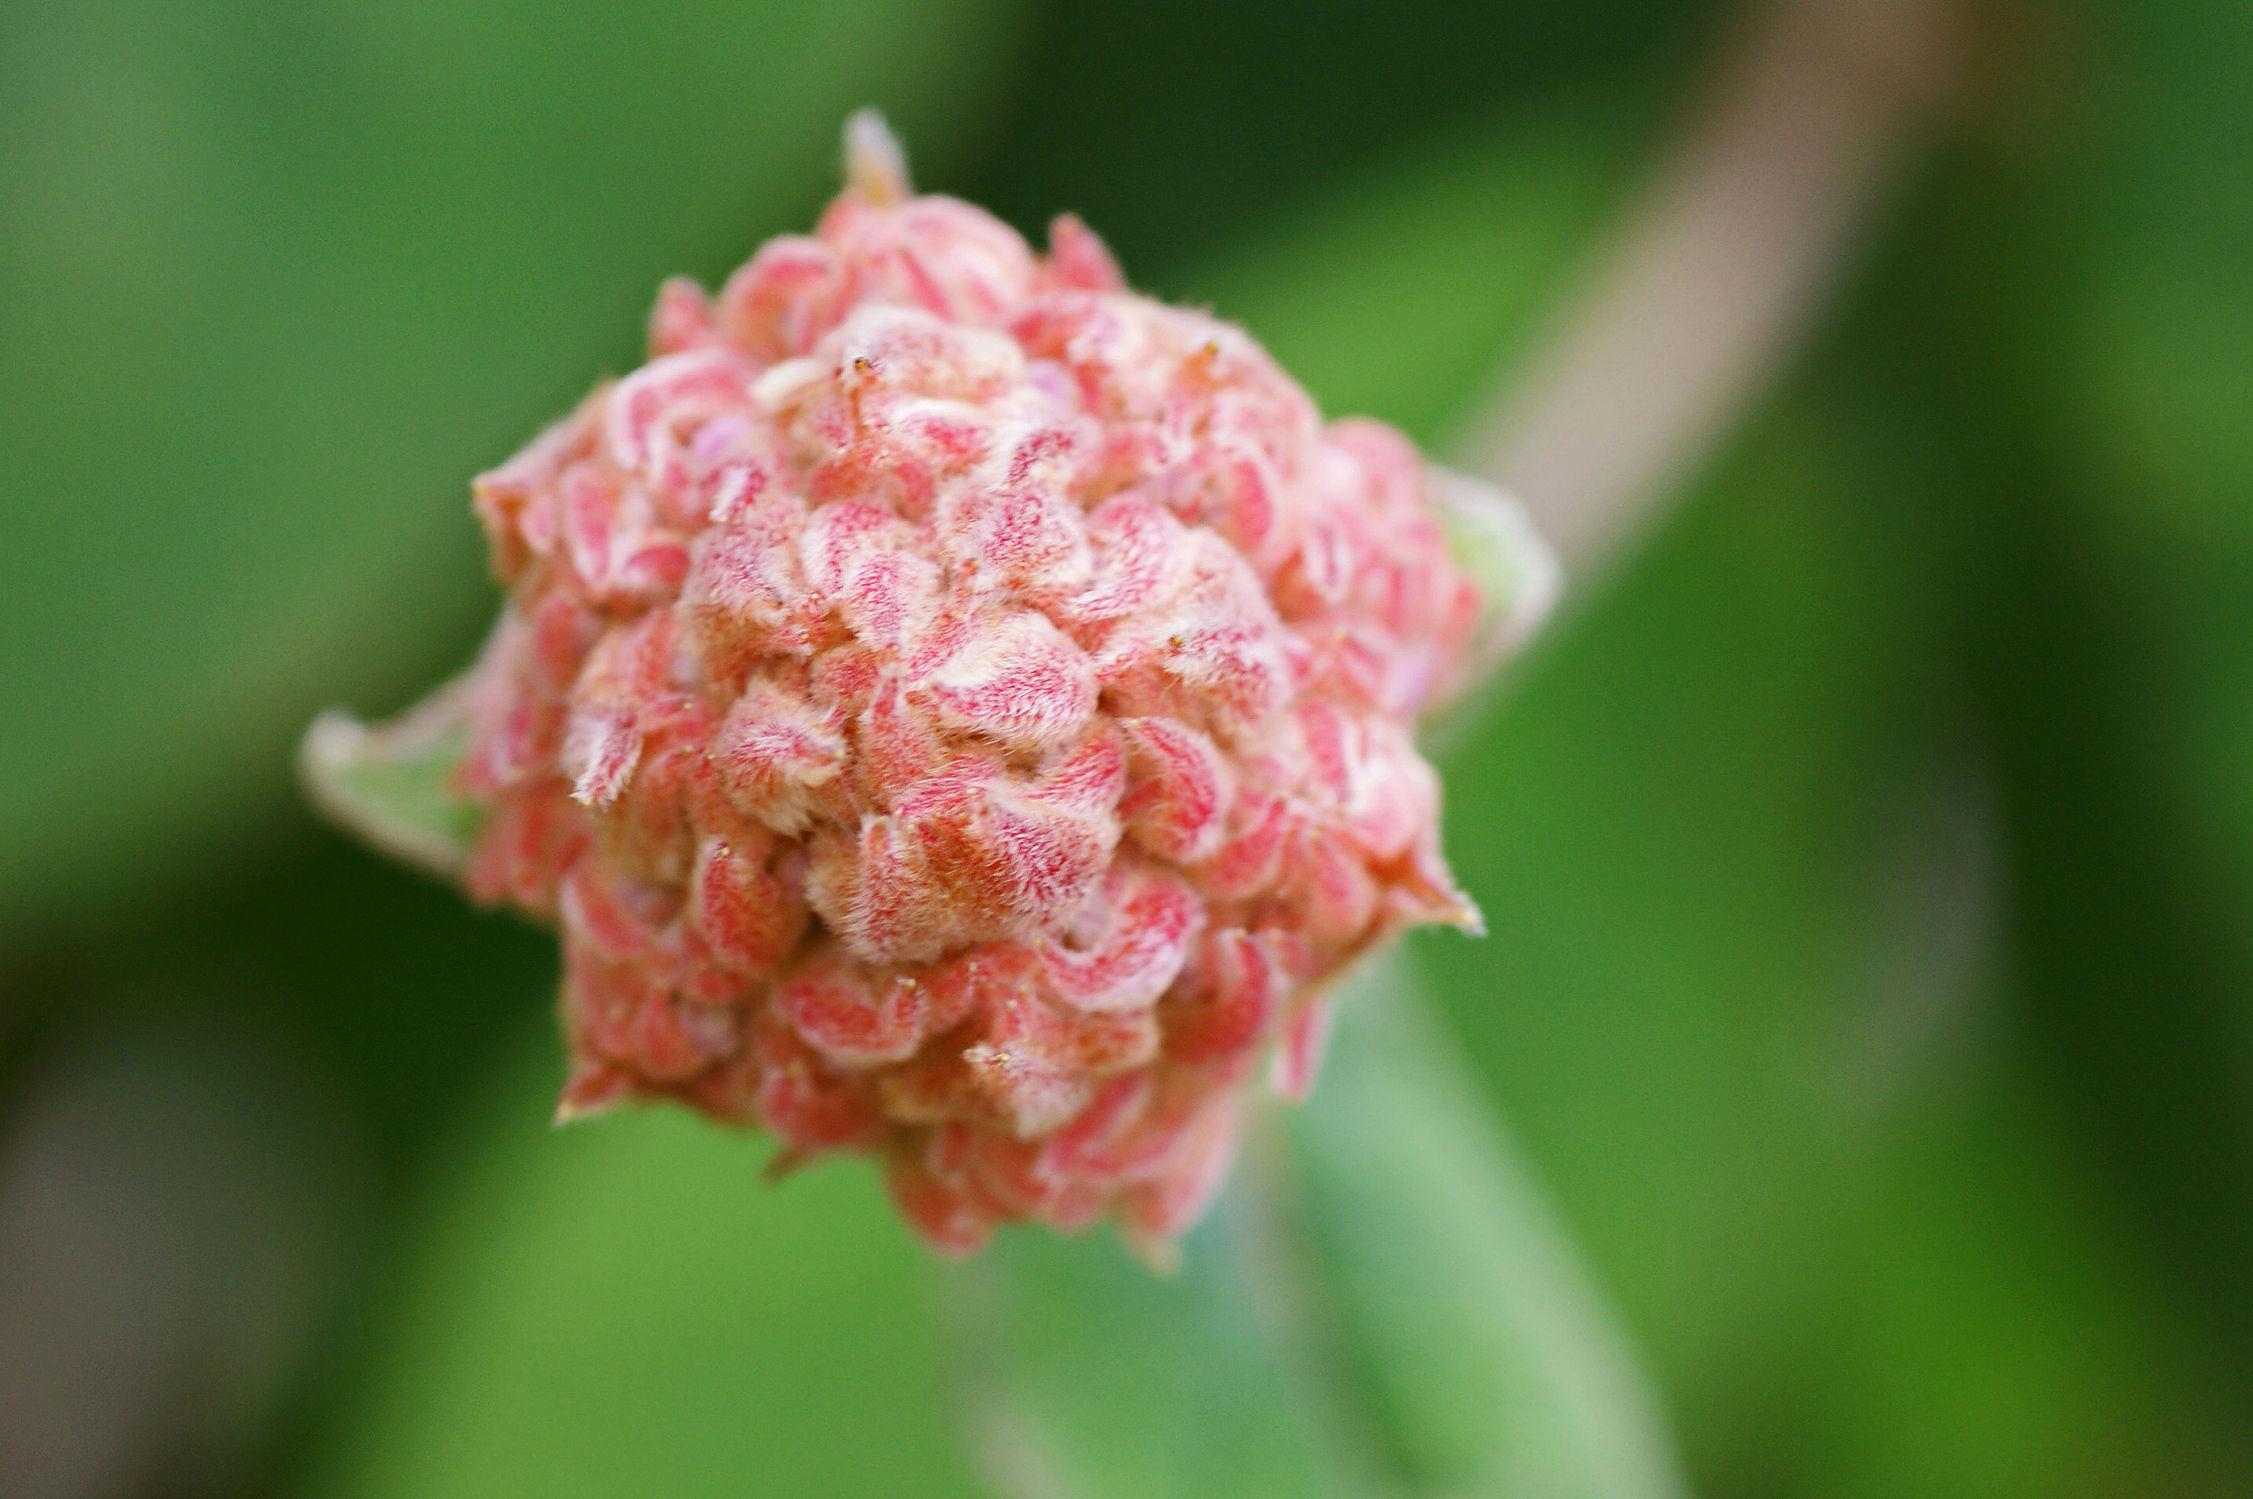 Bild mit Pflanzen, Blumen, Frühling, Blume, Pflanze, hortensien, Blüten, blüte, Hortensie, Knospe, Knospen